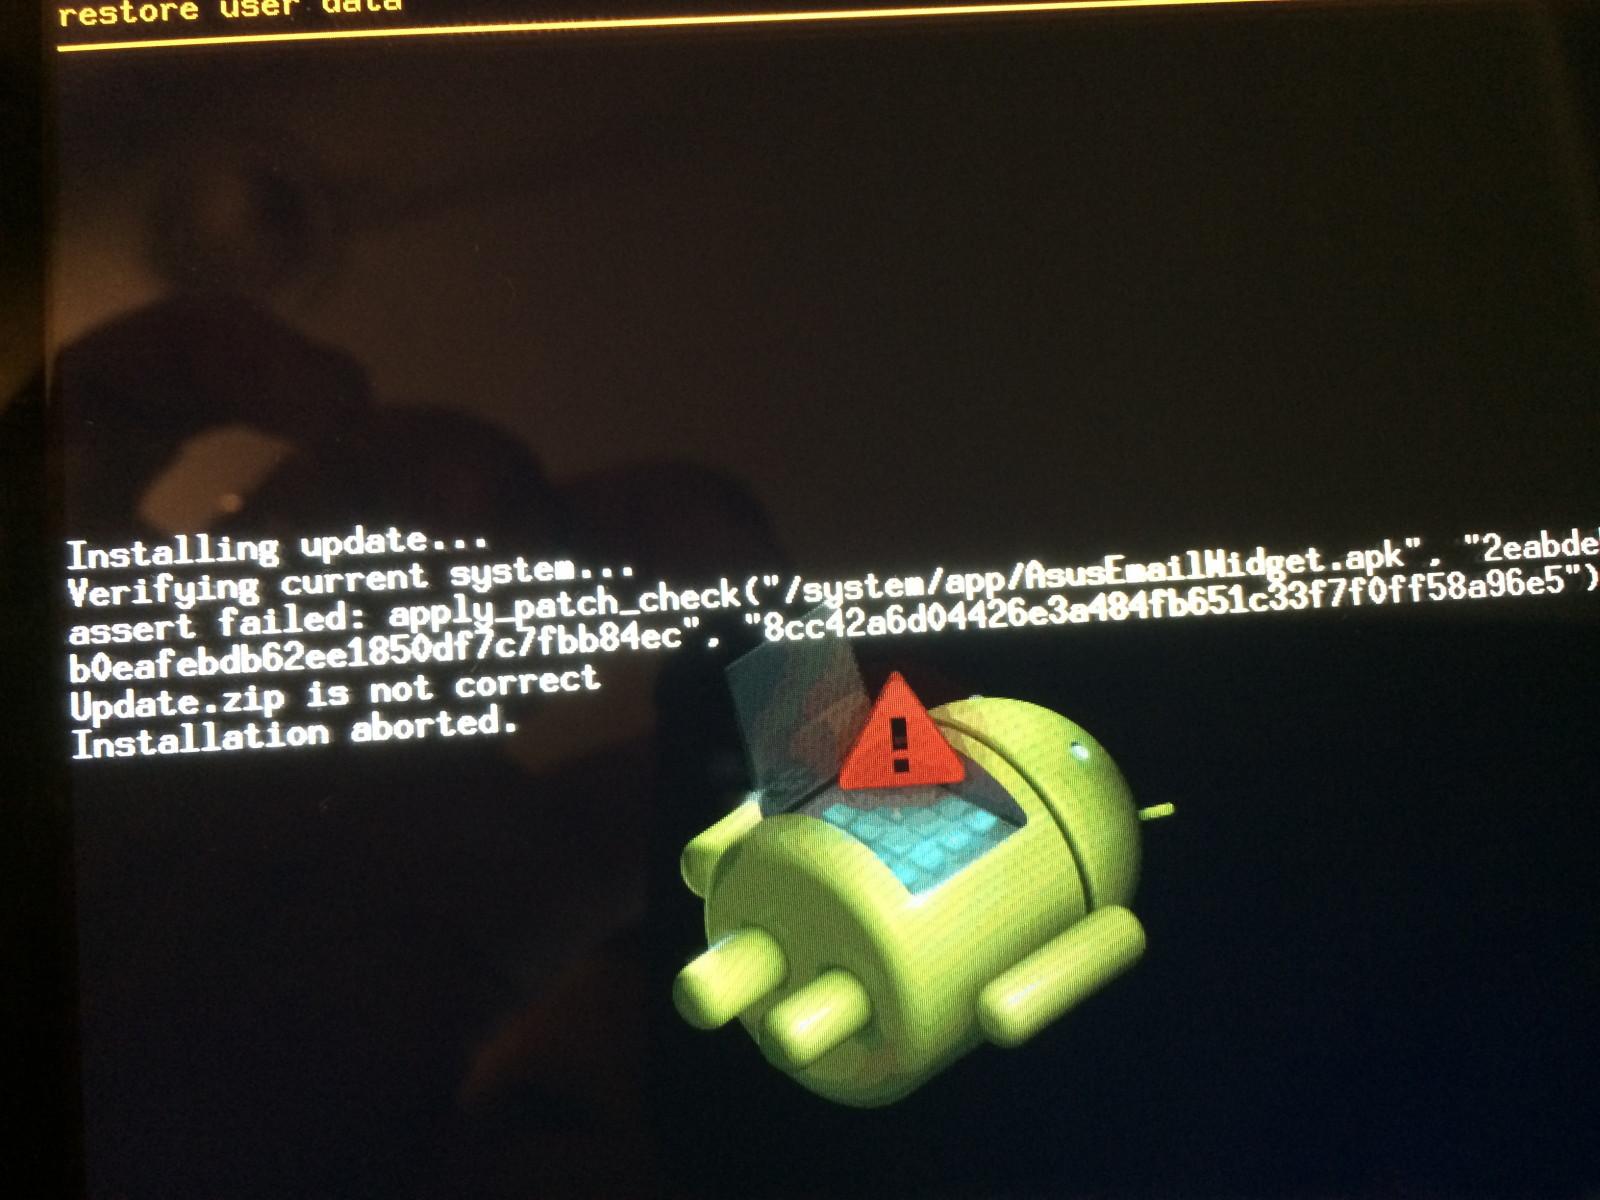 En la imagen se puede ver la actualizacion de android y se puede ver que intenta escribir erronea mente el archivo /system/app/AsusEmailWidget.apk.jpg